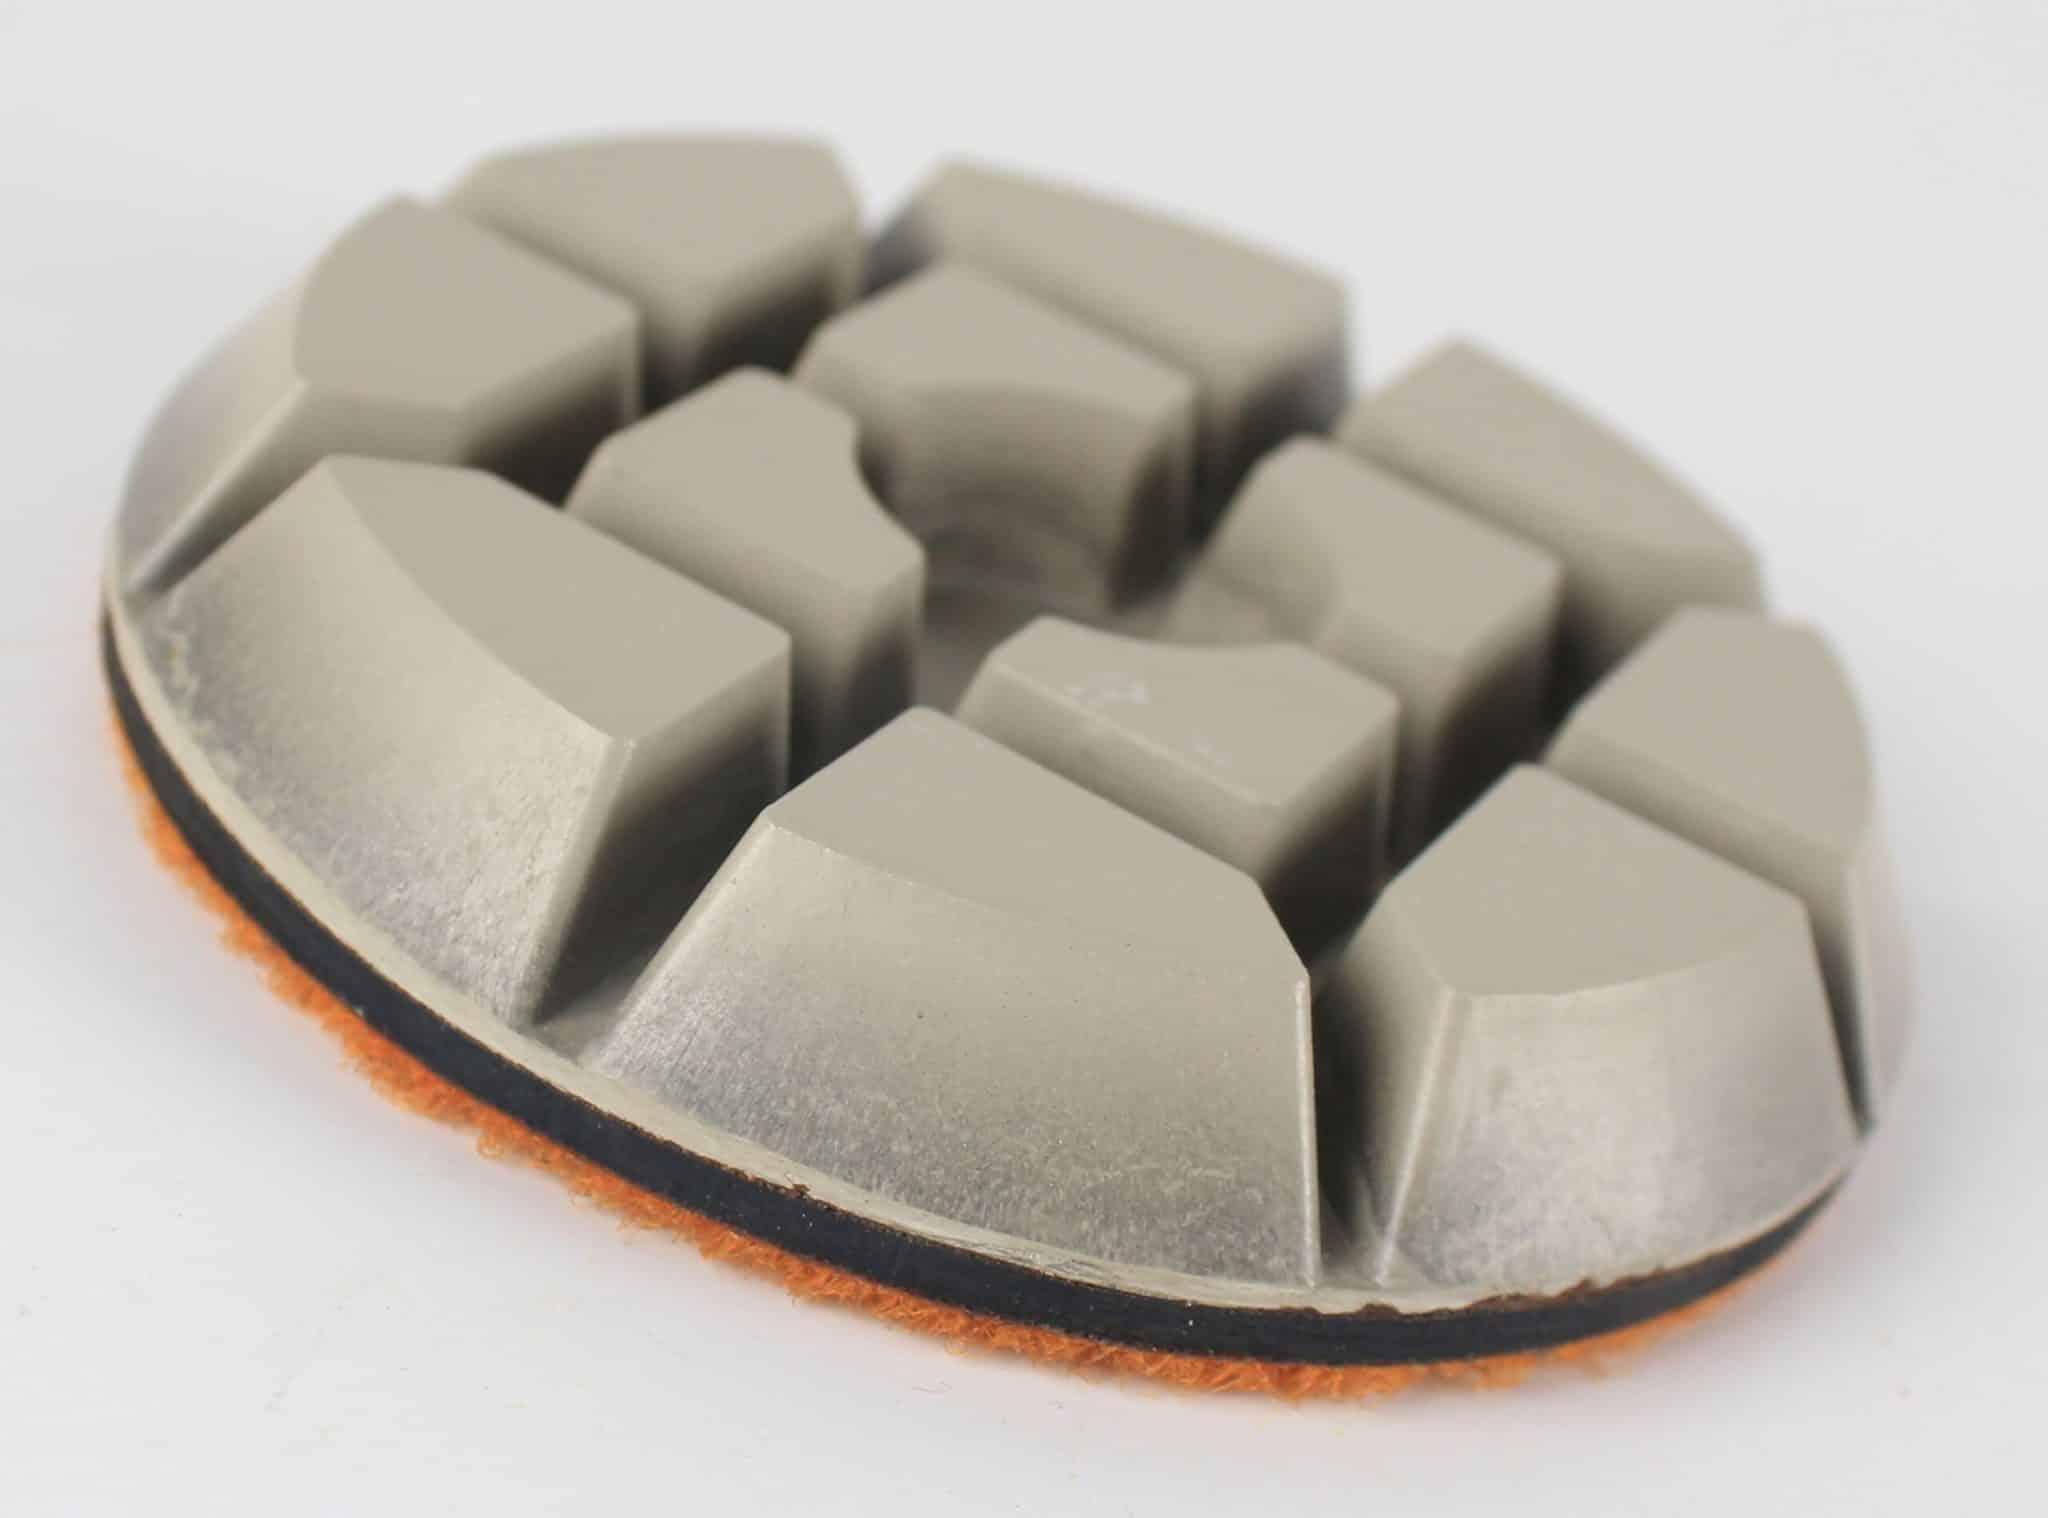 3 inch Concrete Floor Polishing Pads, Concrete Polishing Tools 30-3000grit